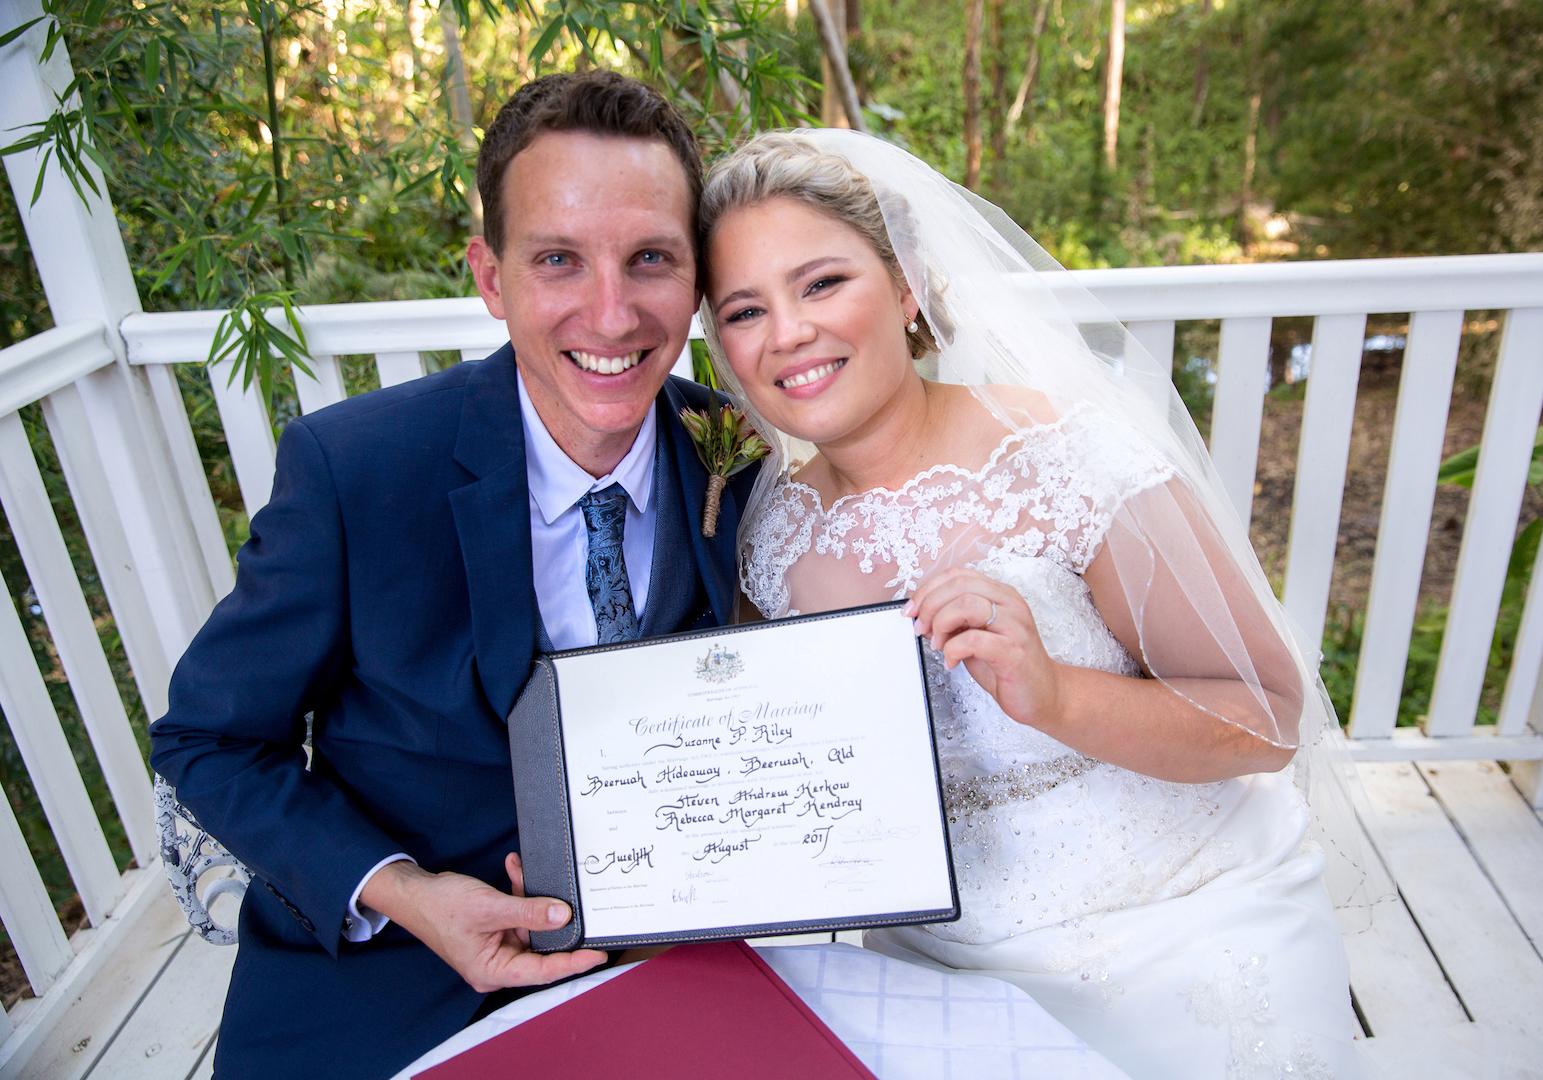 LO-res-marion-jonkers-photo-beerwah-hideaway-suzanne-riley-marriage-celebrant7